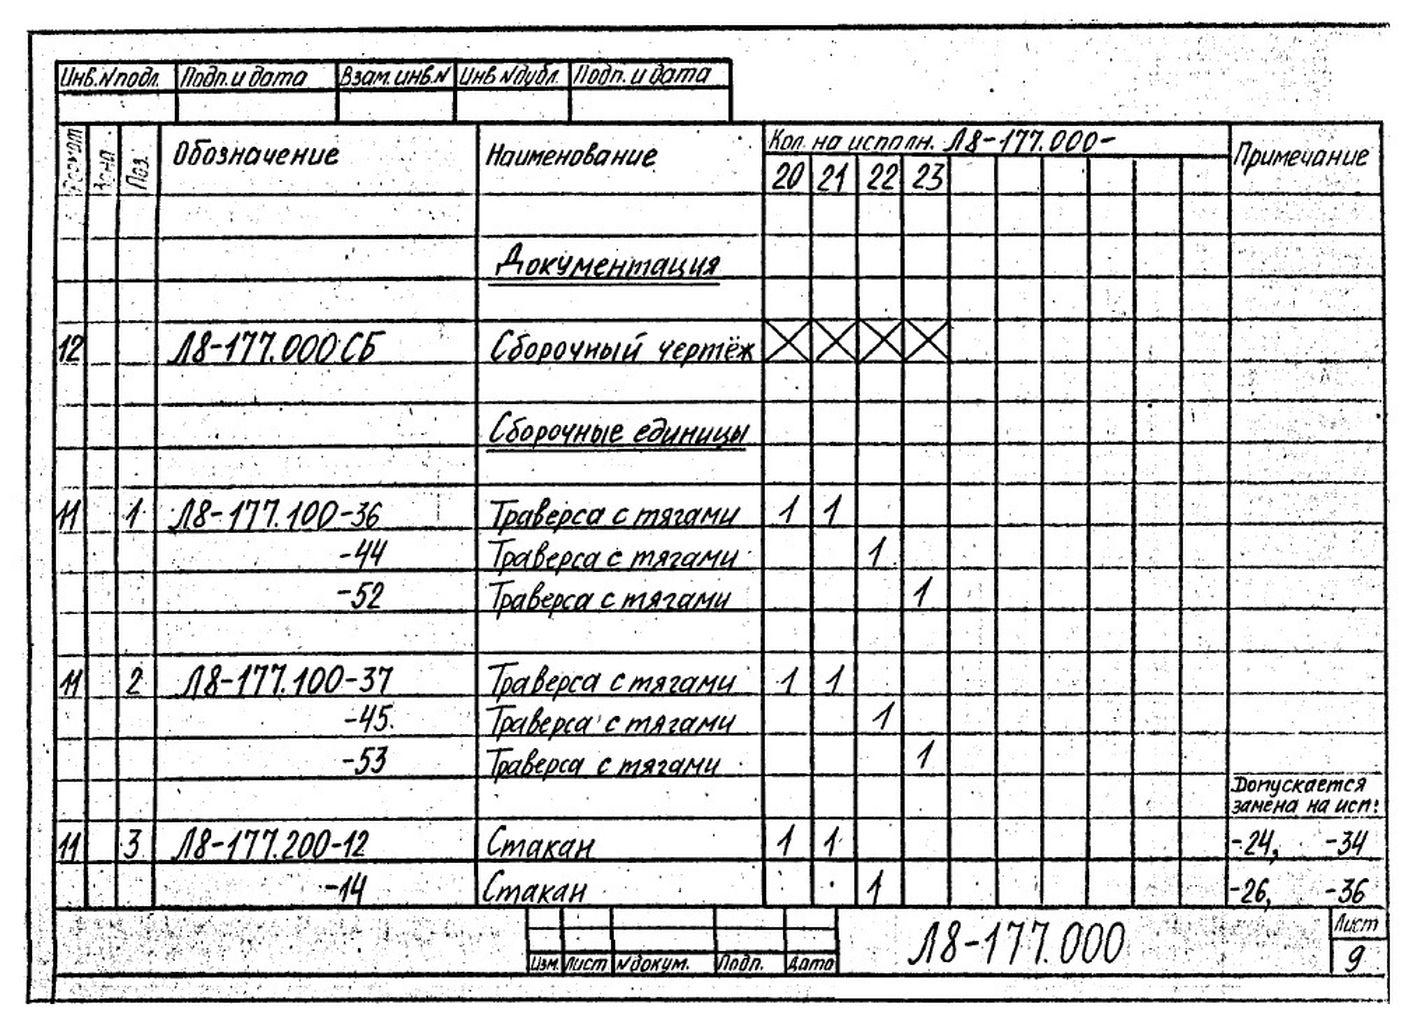 Блок пружинный Л8-177.000 стр.11